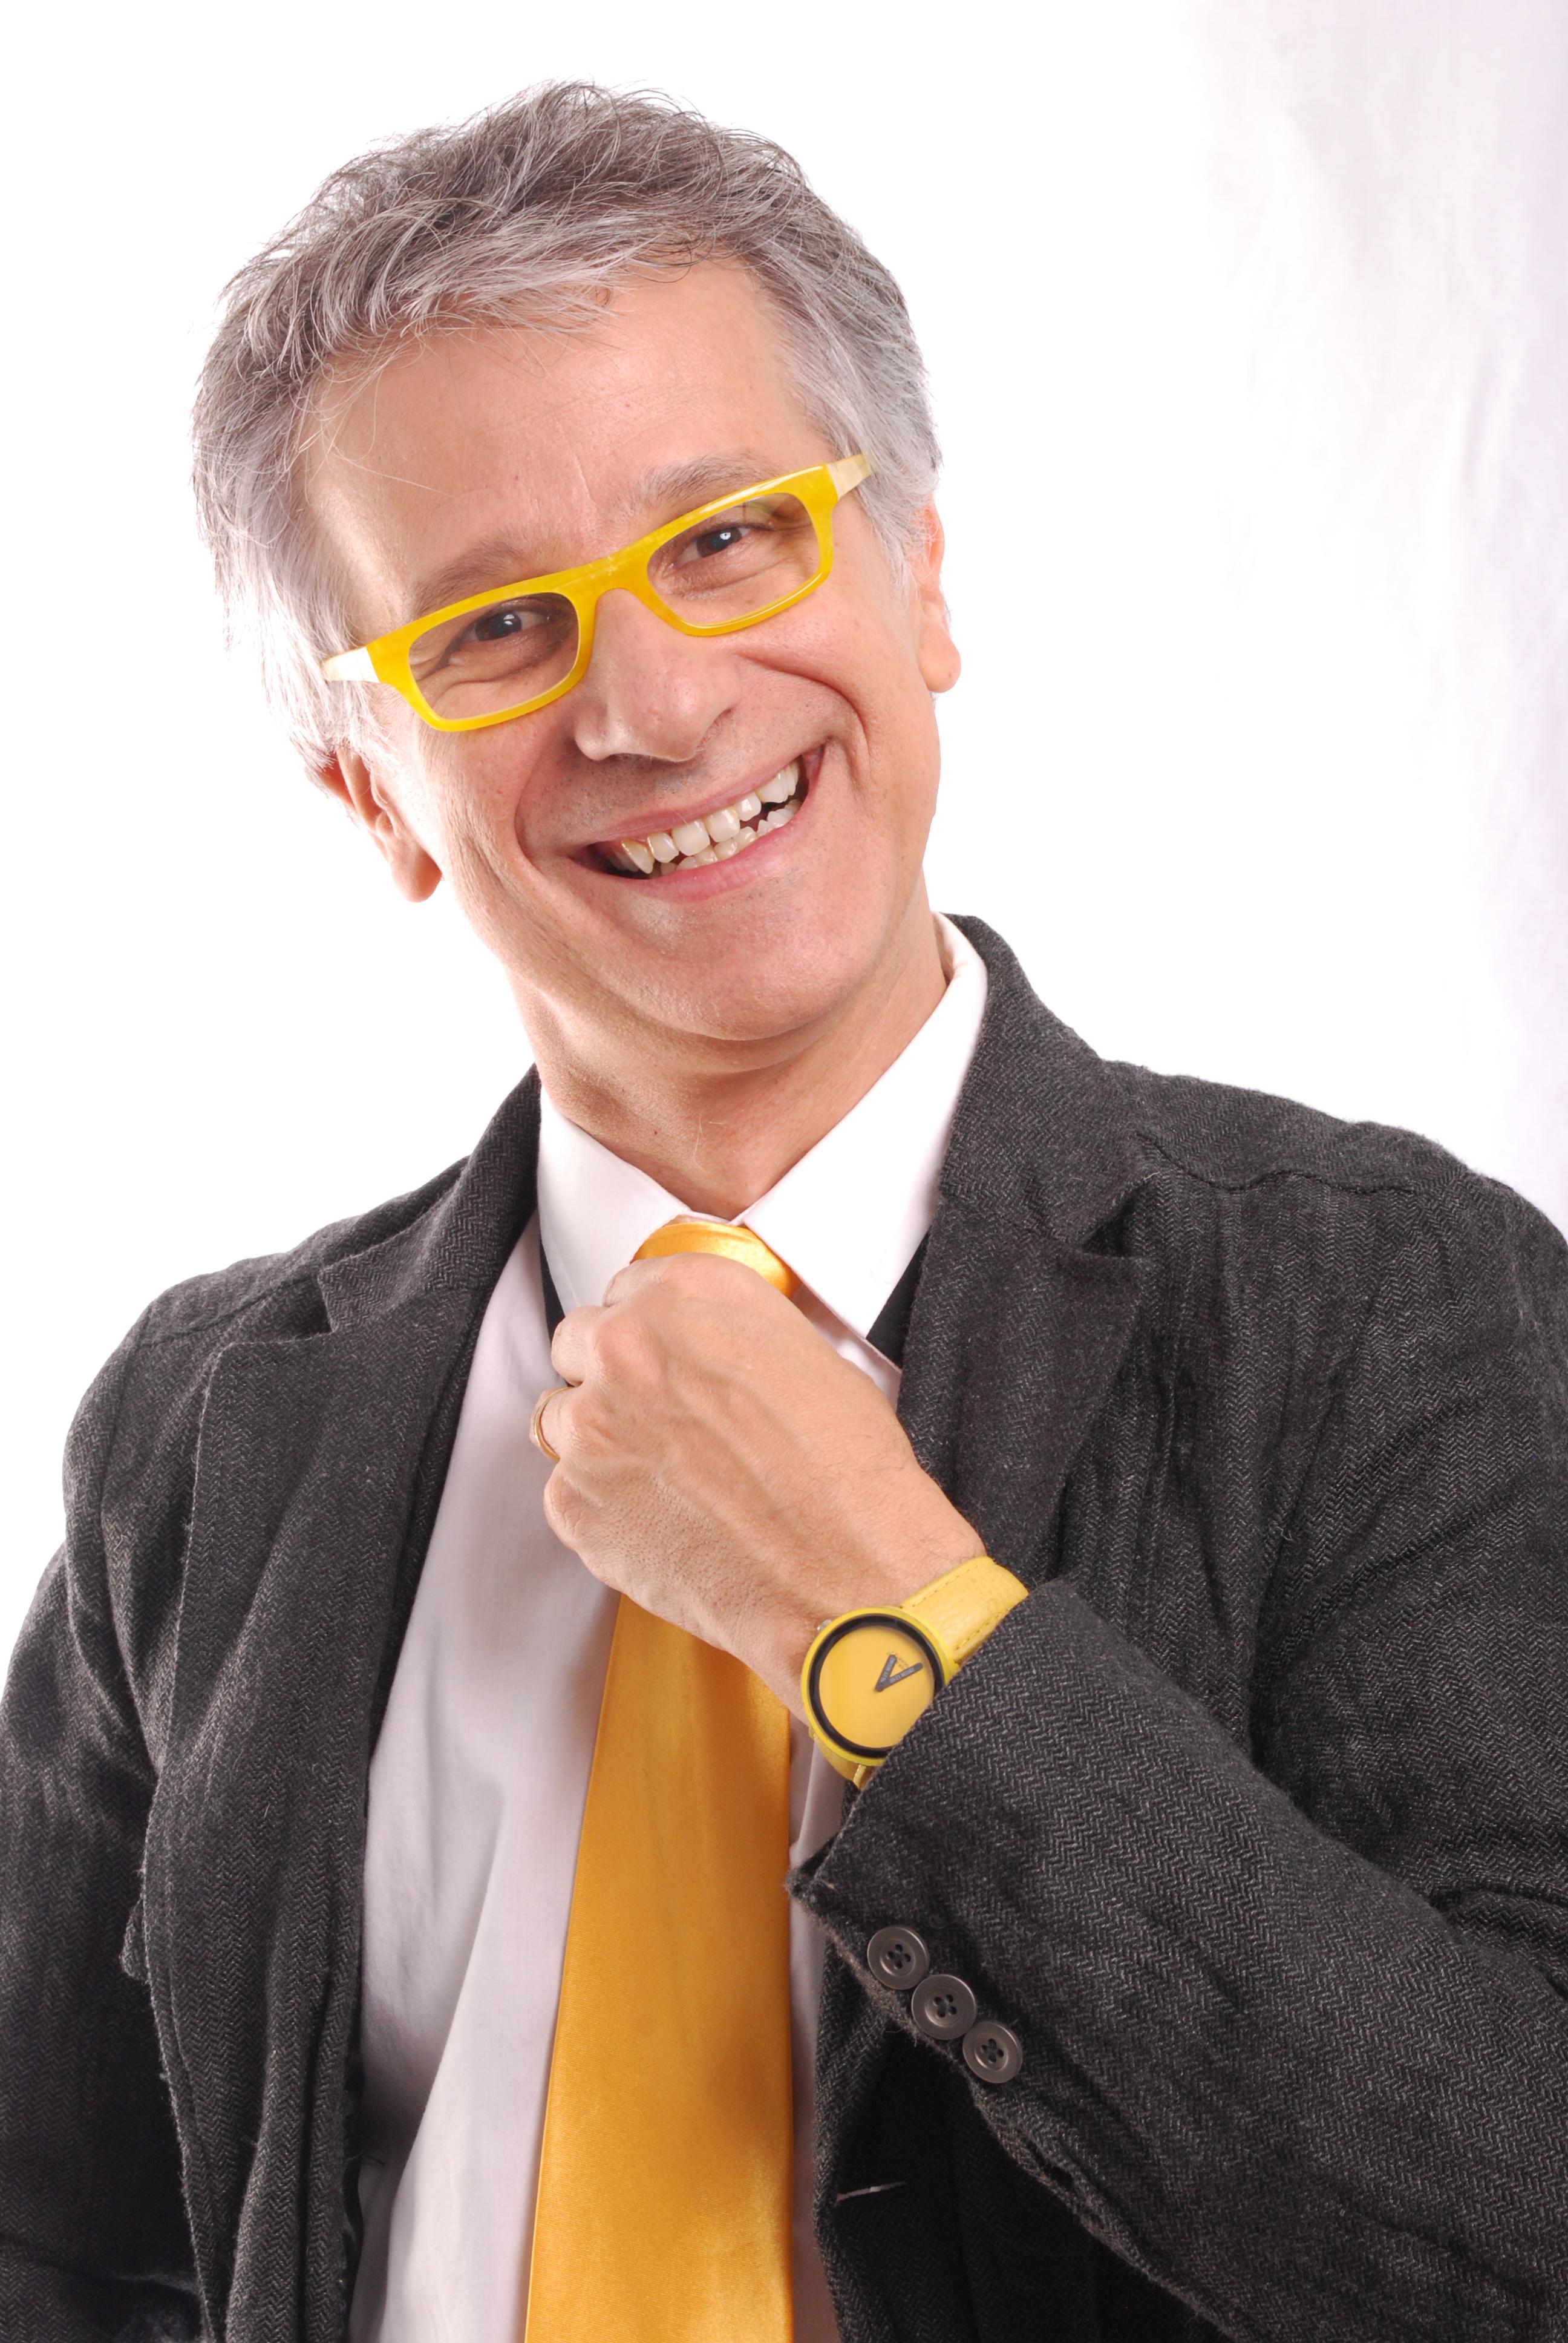 Claudio Torres Gonzaga, de terno, com a mão na gola, sorrindo